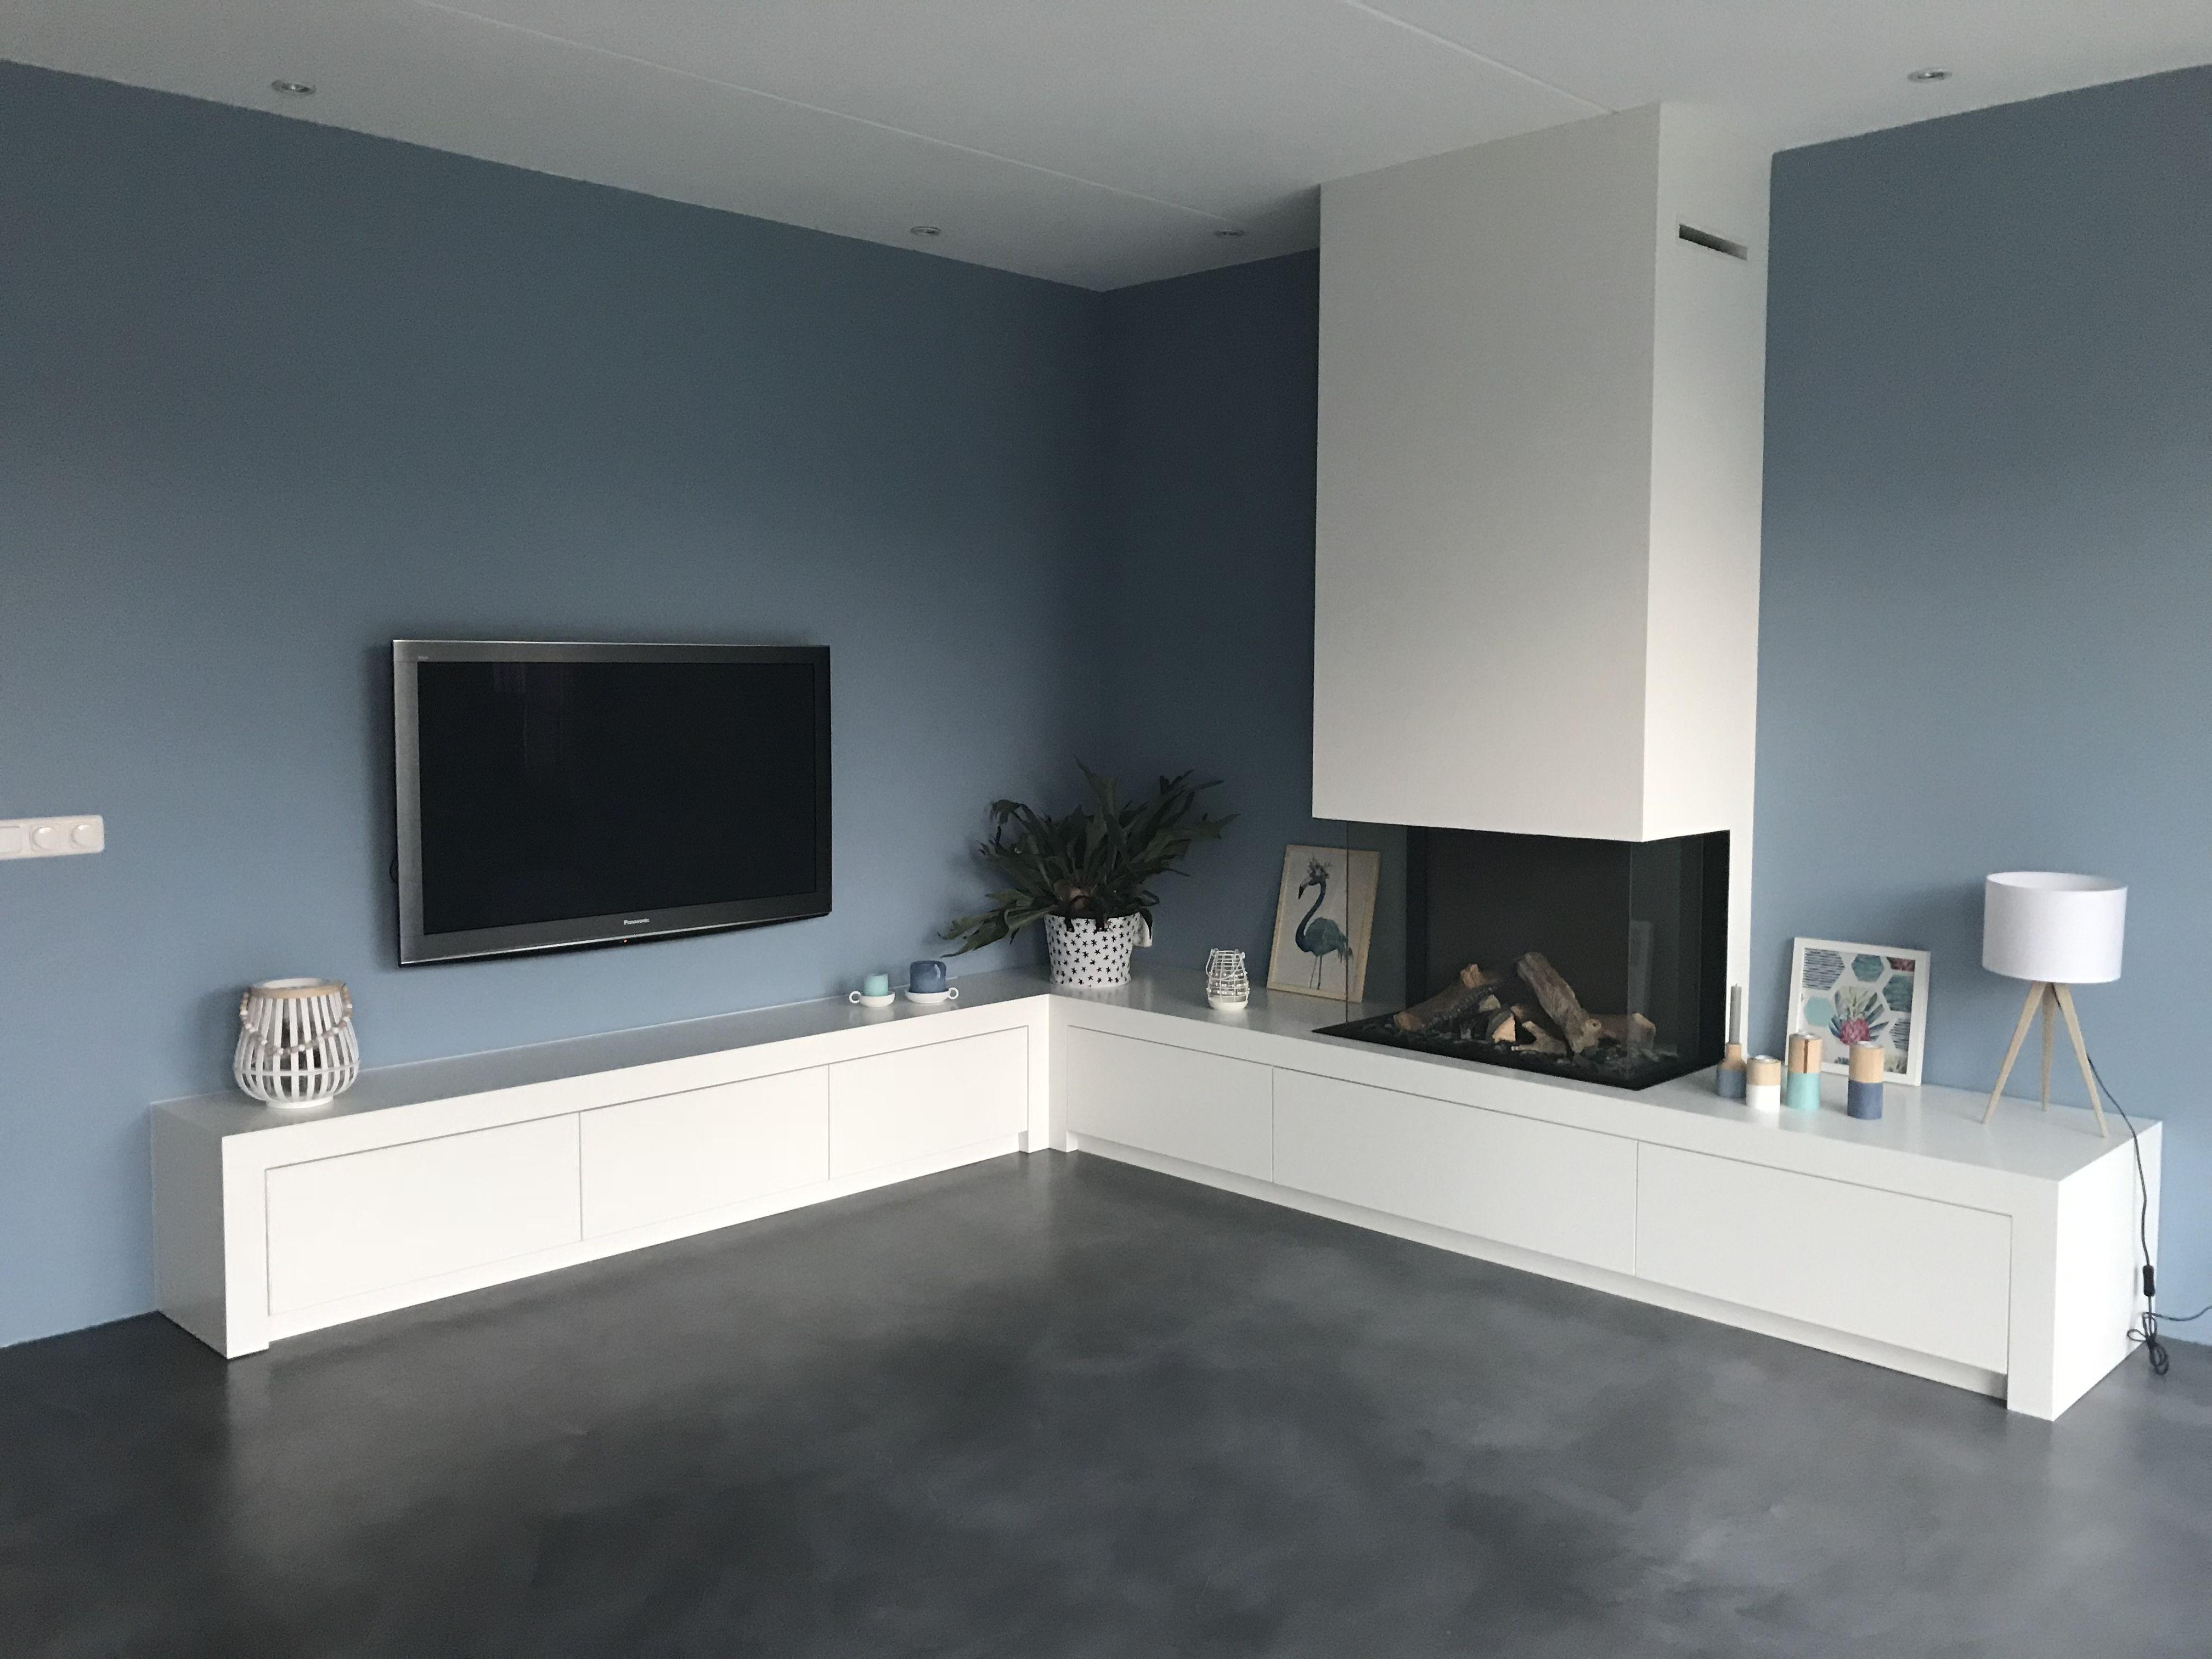 Open haard tv meubel moderne open haard gashaard woonkamer tv hoek